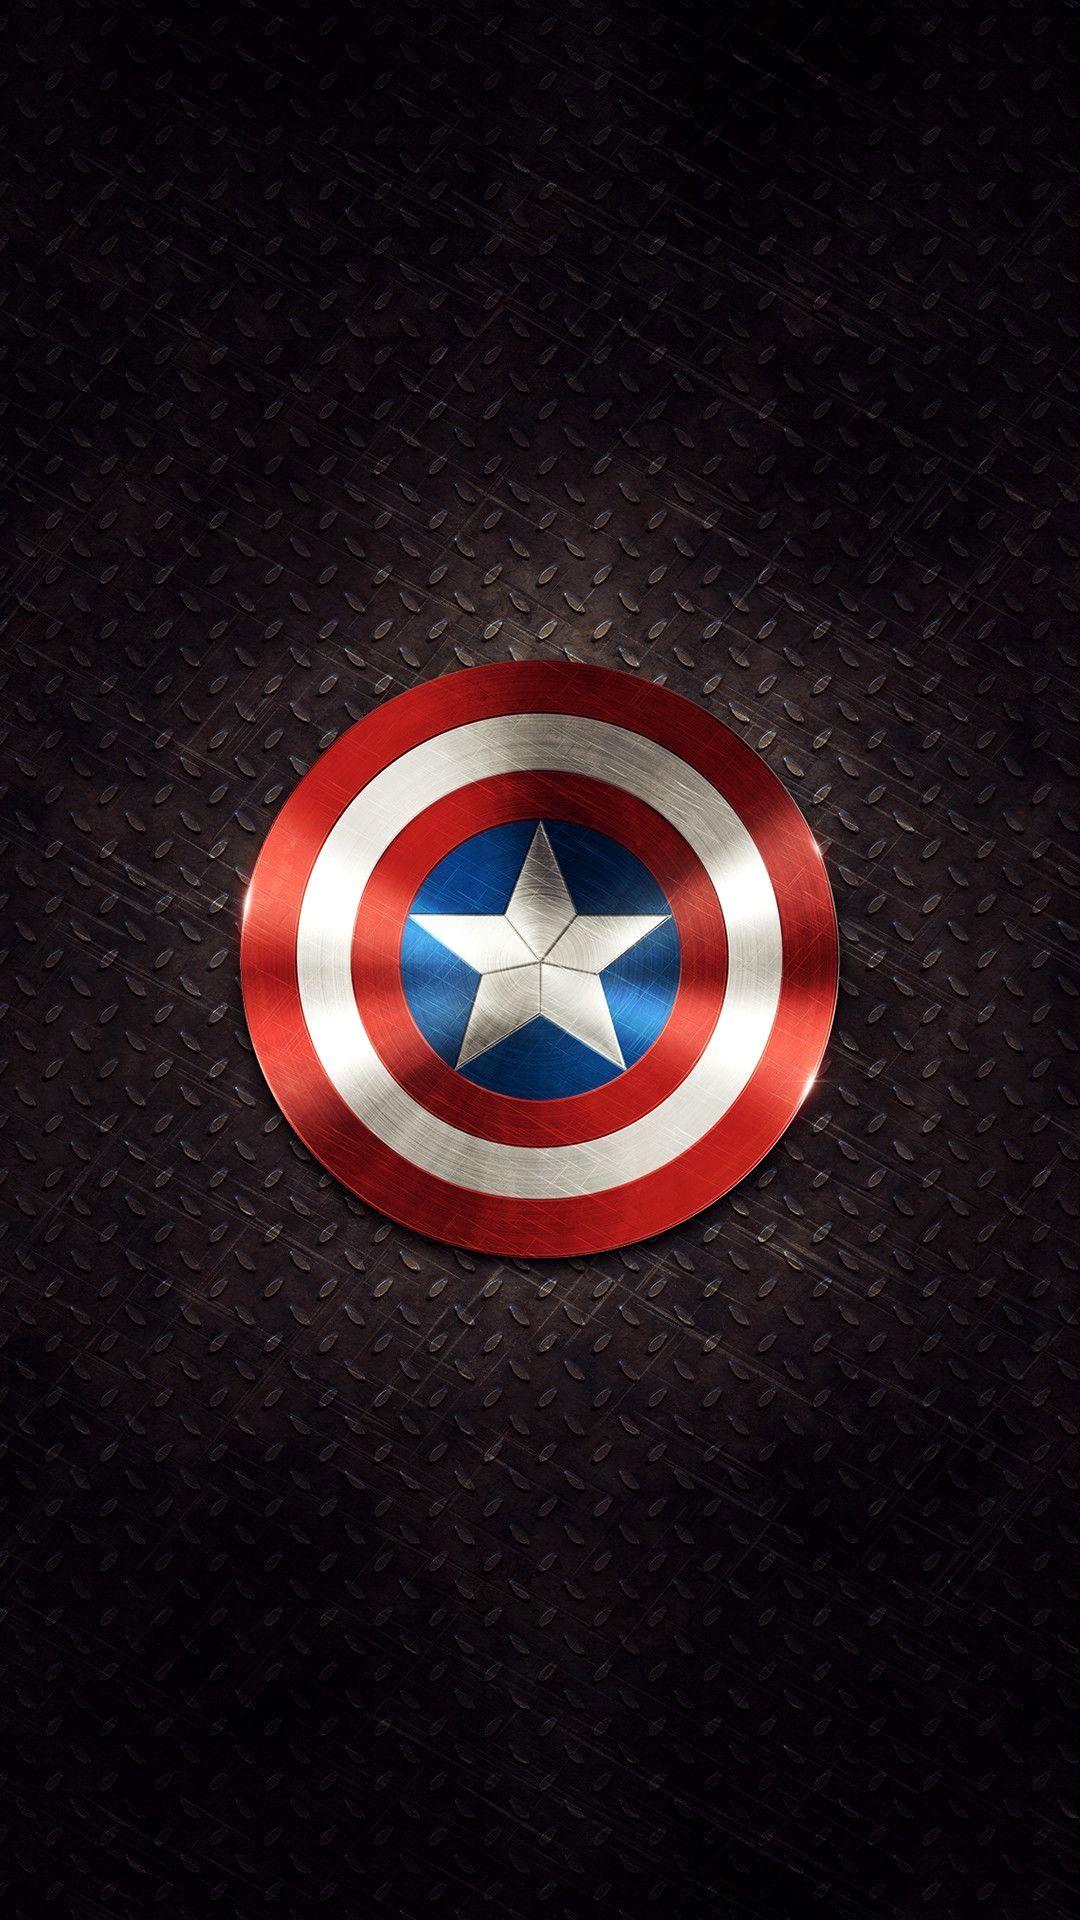 Captain America Wallpaper 4k Mobile Gallery The Avengers Seni Seni Abstrak